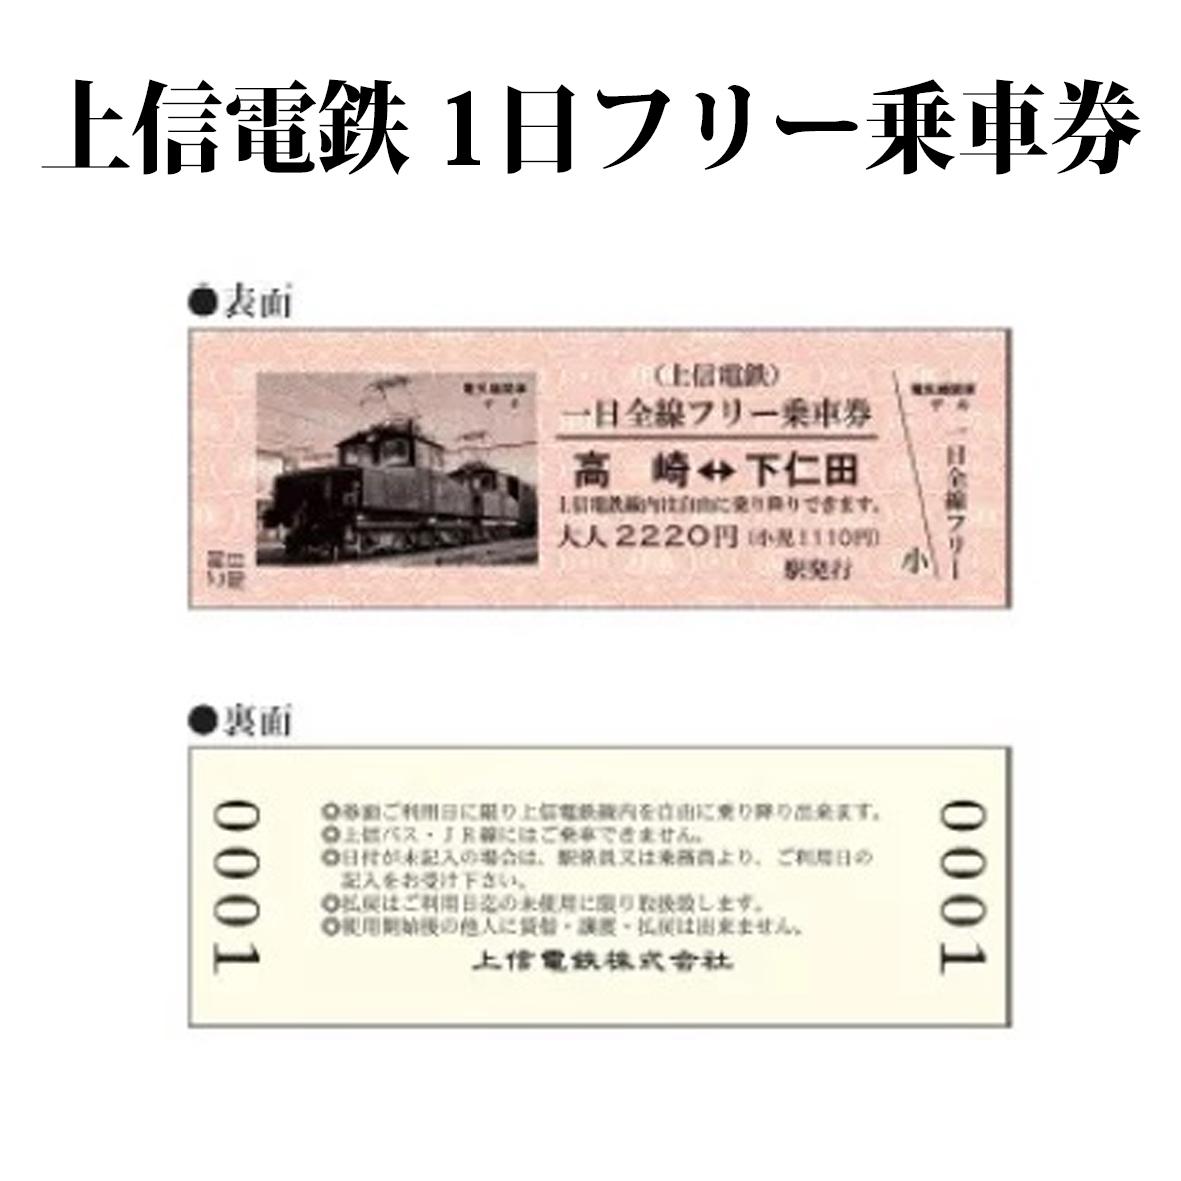 【ふるさと納税】上信電鉄 1日フリー乗車券 2枚セット